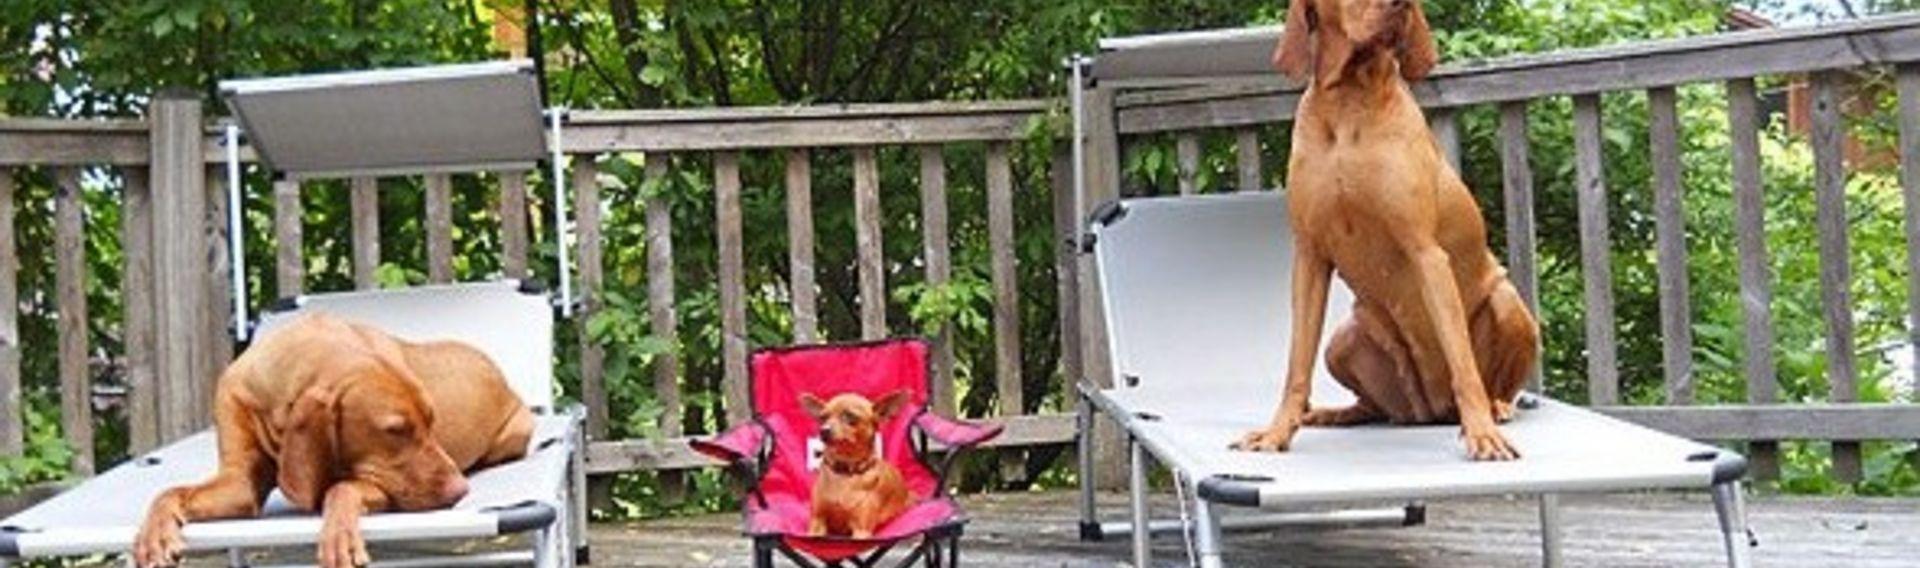 Hundefreundliches Hotel Bayern mit Wellness